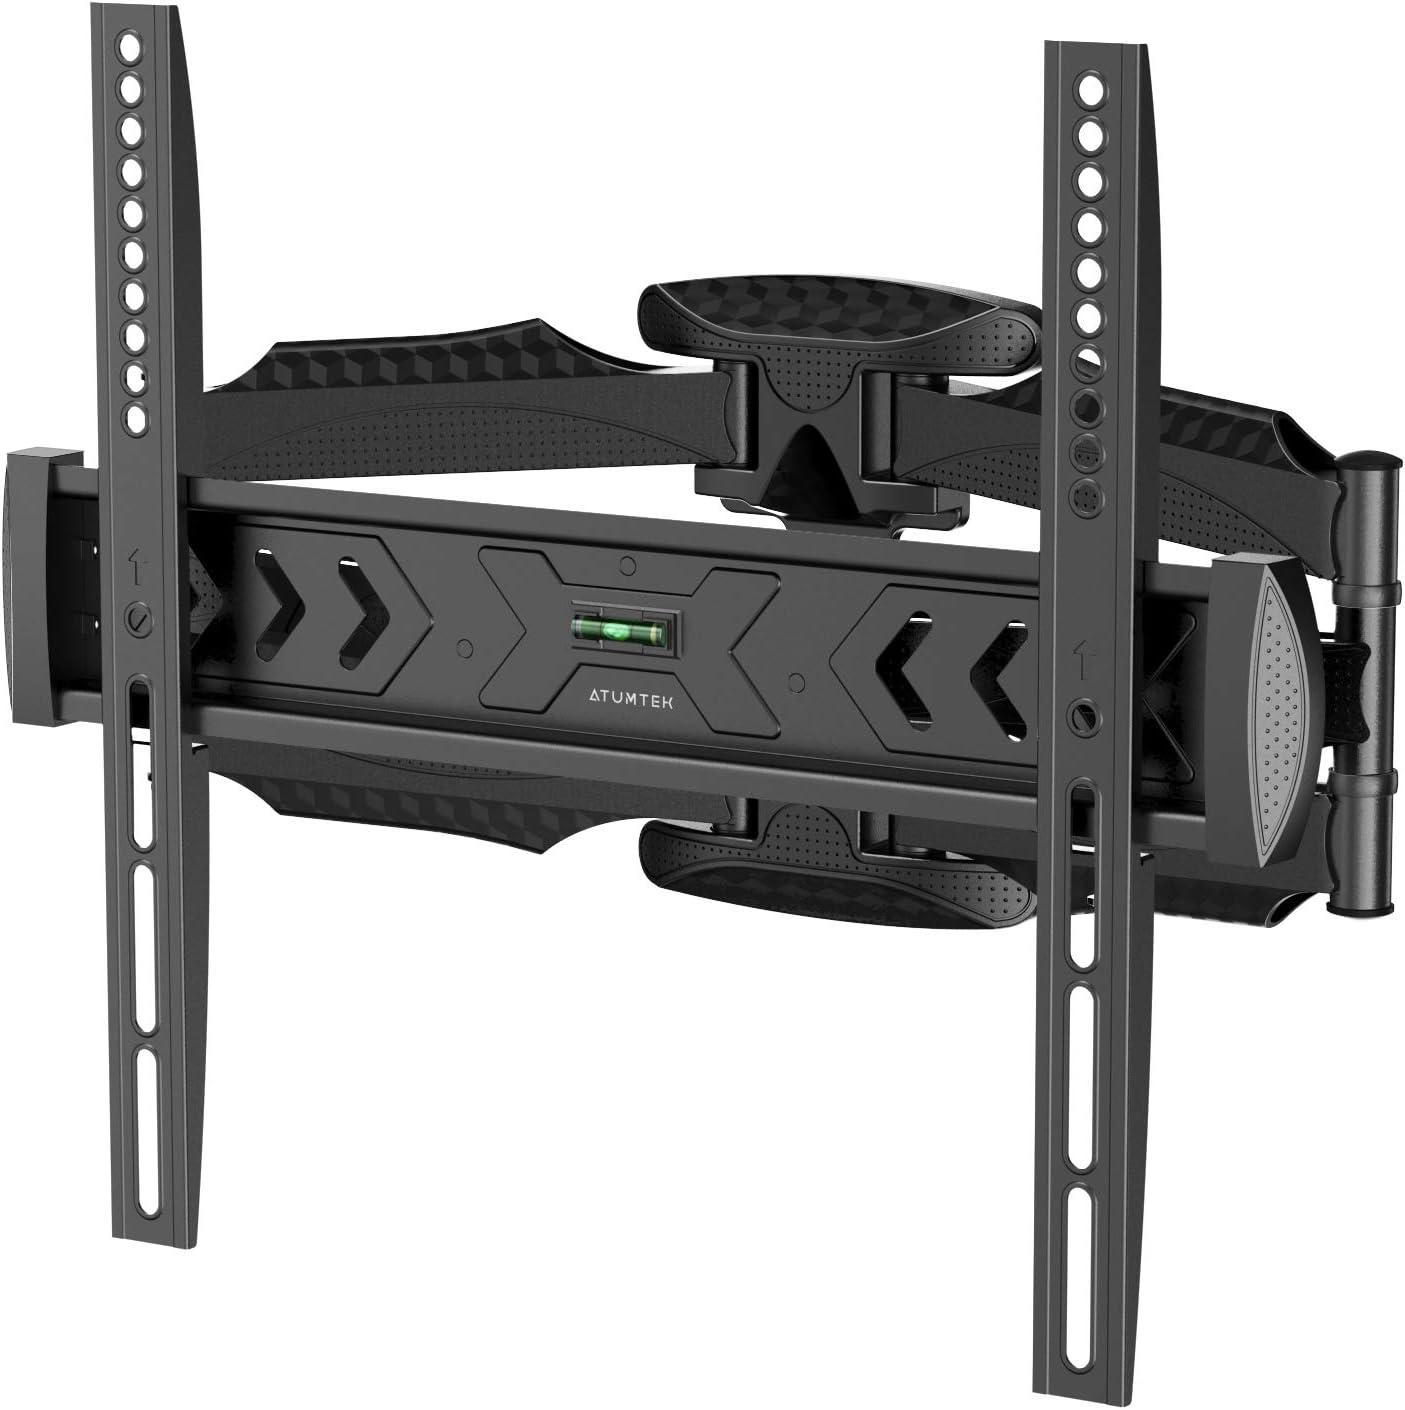 ATUMTEK Soporte TV de Pared para de 23-55 Pantalla LED/LCD/Plasma/Curva Televisión, Articulado Inclinable y Giratorio Montaje TV Pared Carga Máxima 36.4kg VESA Máxima 400×400mm